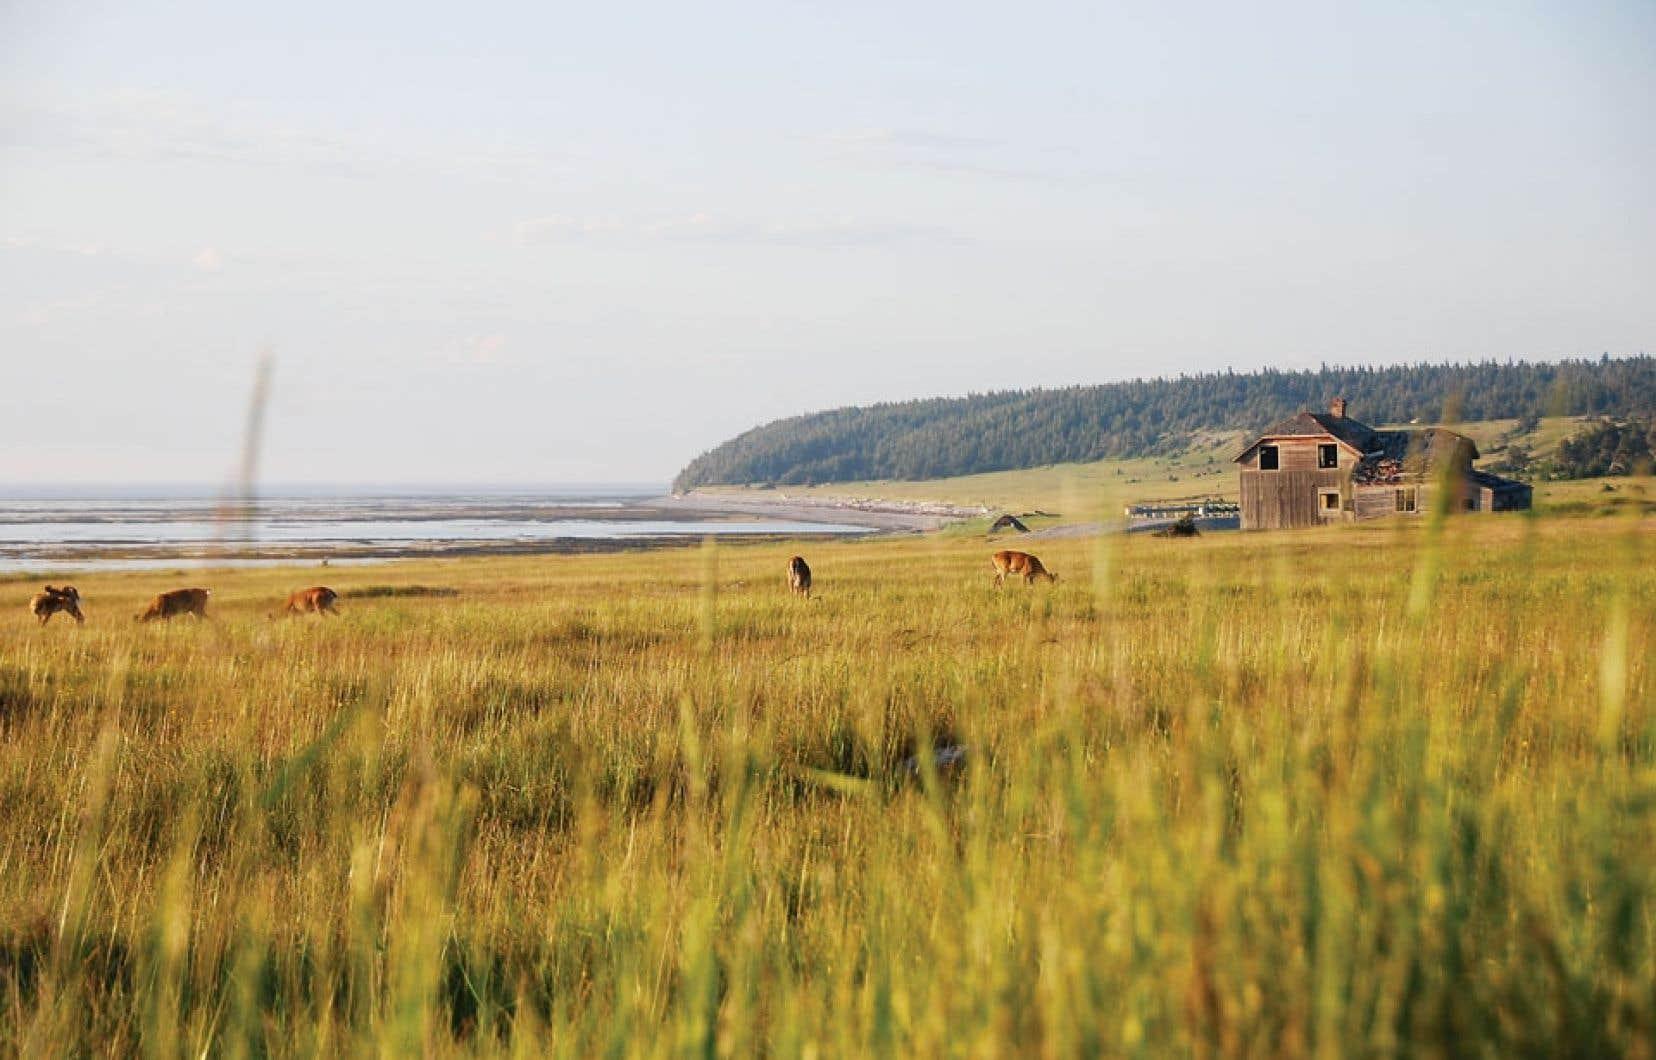 Anticosti a beau être la plus grande île du Québec, plus vaste que la Corse, « la perle du Saint-Laurent » demeure la fille inconnue de la terre Québec. Ci-dessus : l'emplacement de l'ancien village de Baie-Sainte-Claire.